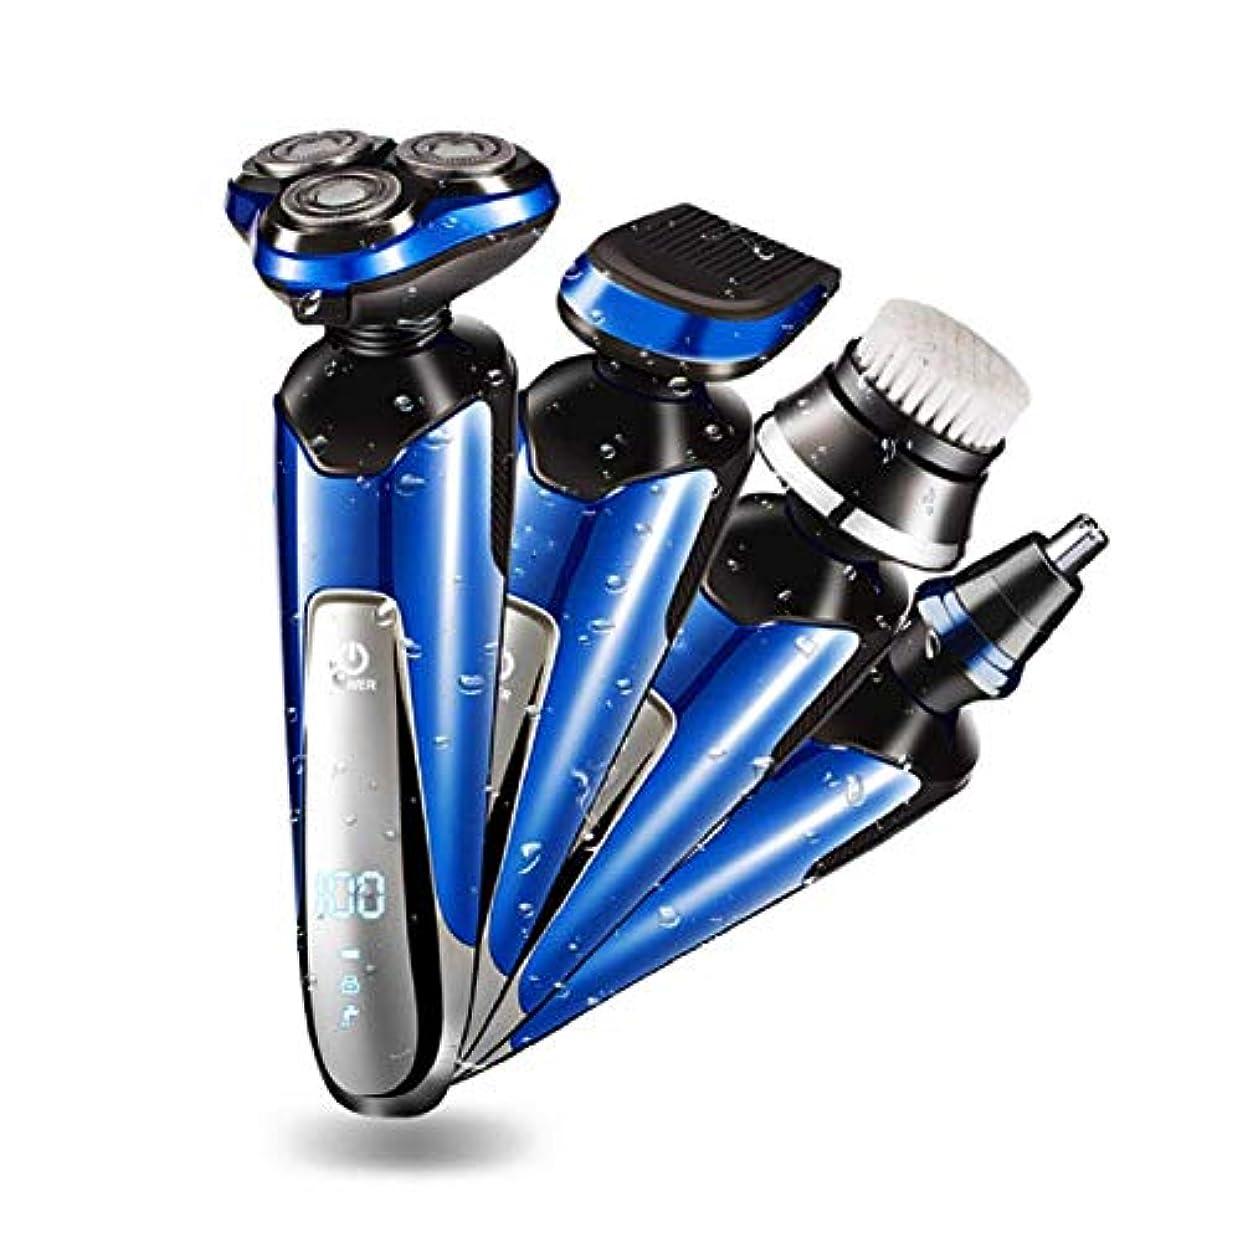 回答ファンシー梨4-in-1多機能メンズ電気シェーバートリマー、回転ひげ鼻毛トリマーウォッシュブラシ防水ウェットとドライのデュアルユースUSB充電式シェービングマシン